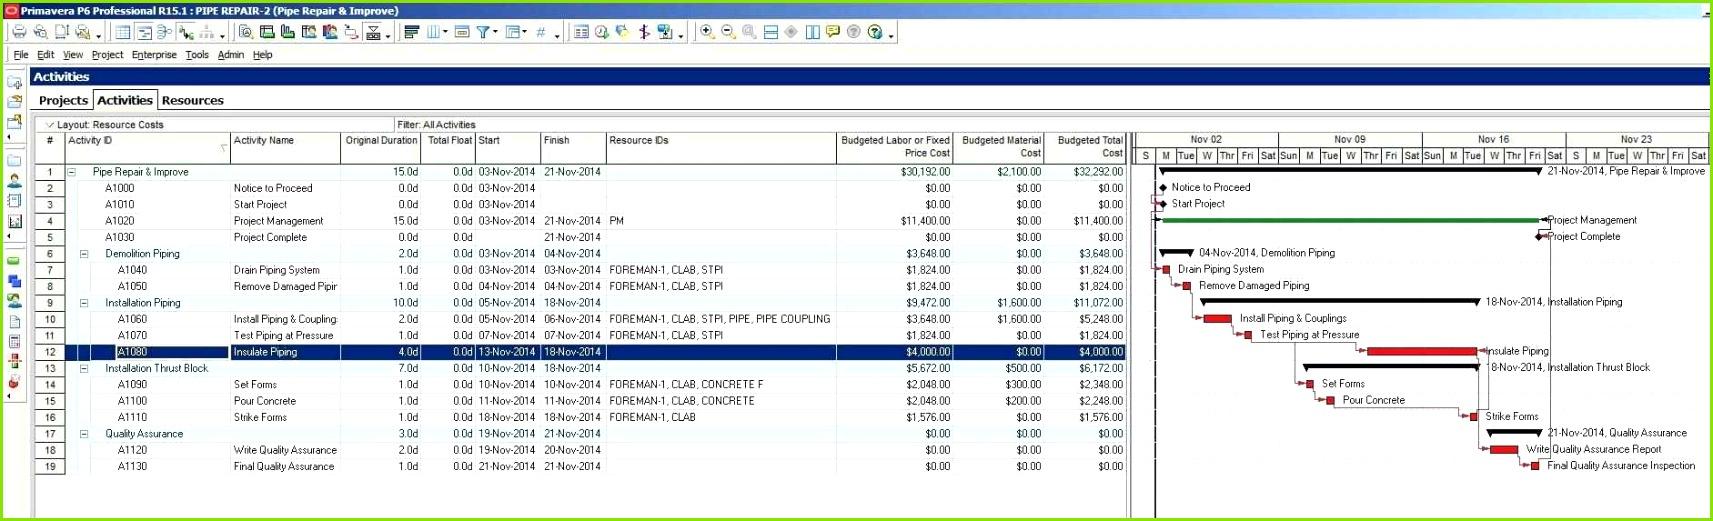 Organigramm Vorlage Leer Detaillierte Vorlagen Excel Editierbar organigramm Vorlage Leer